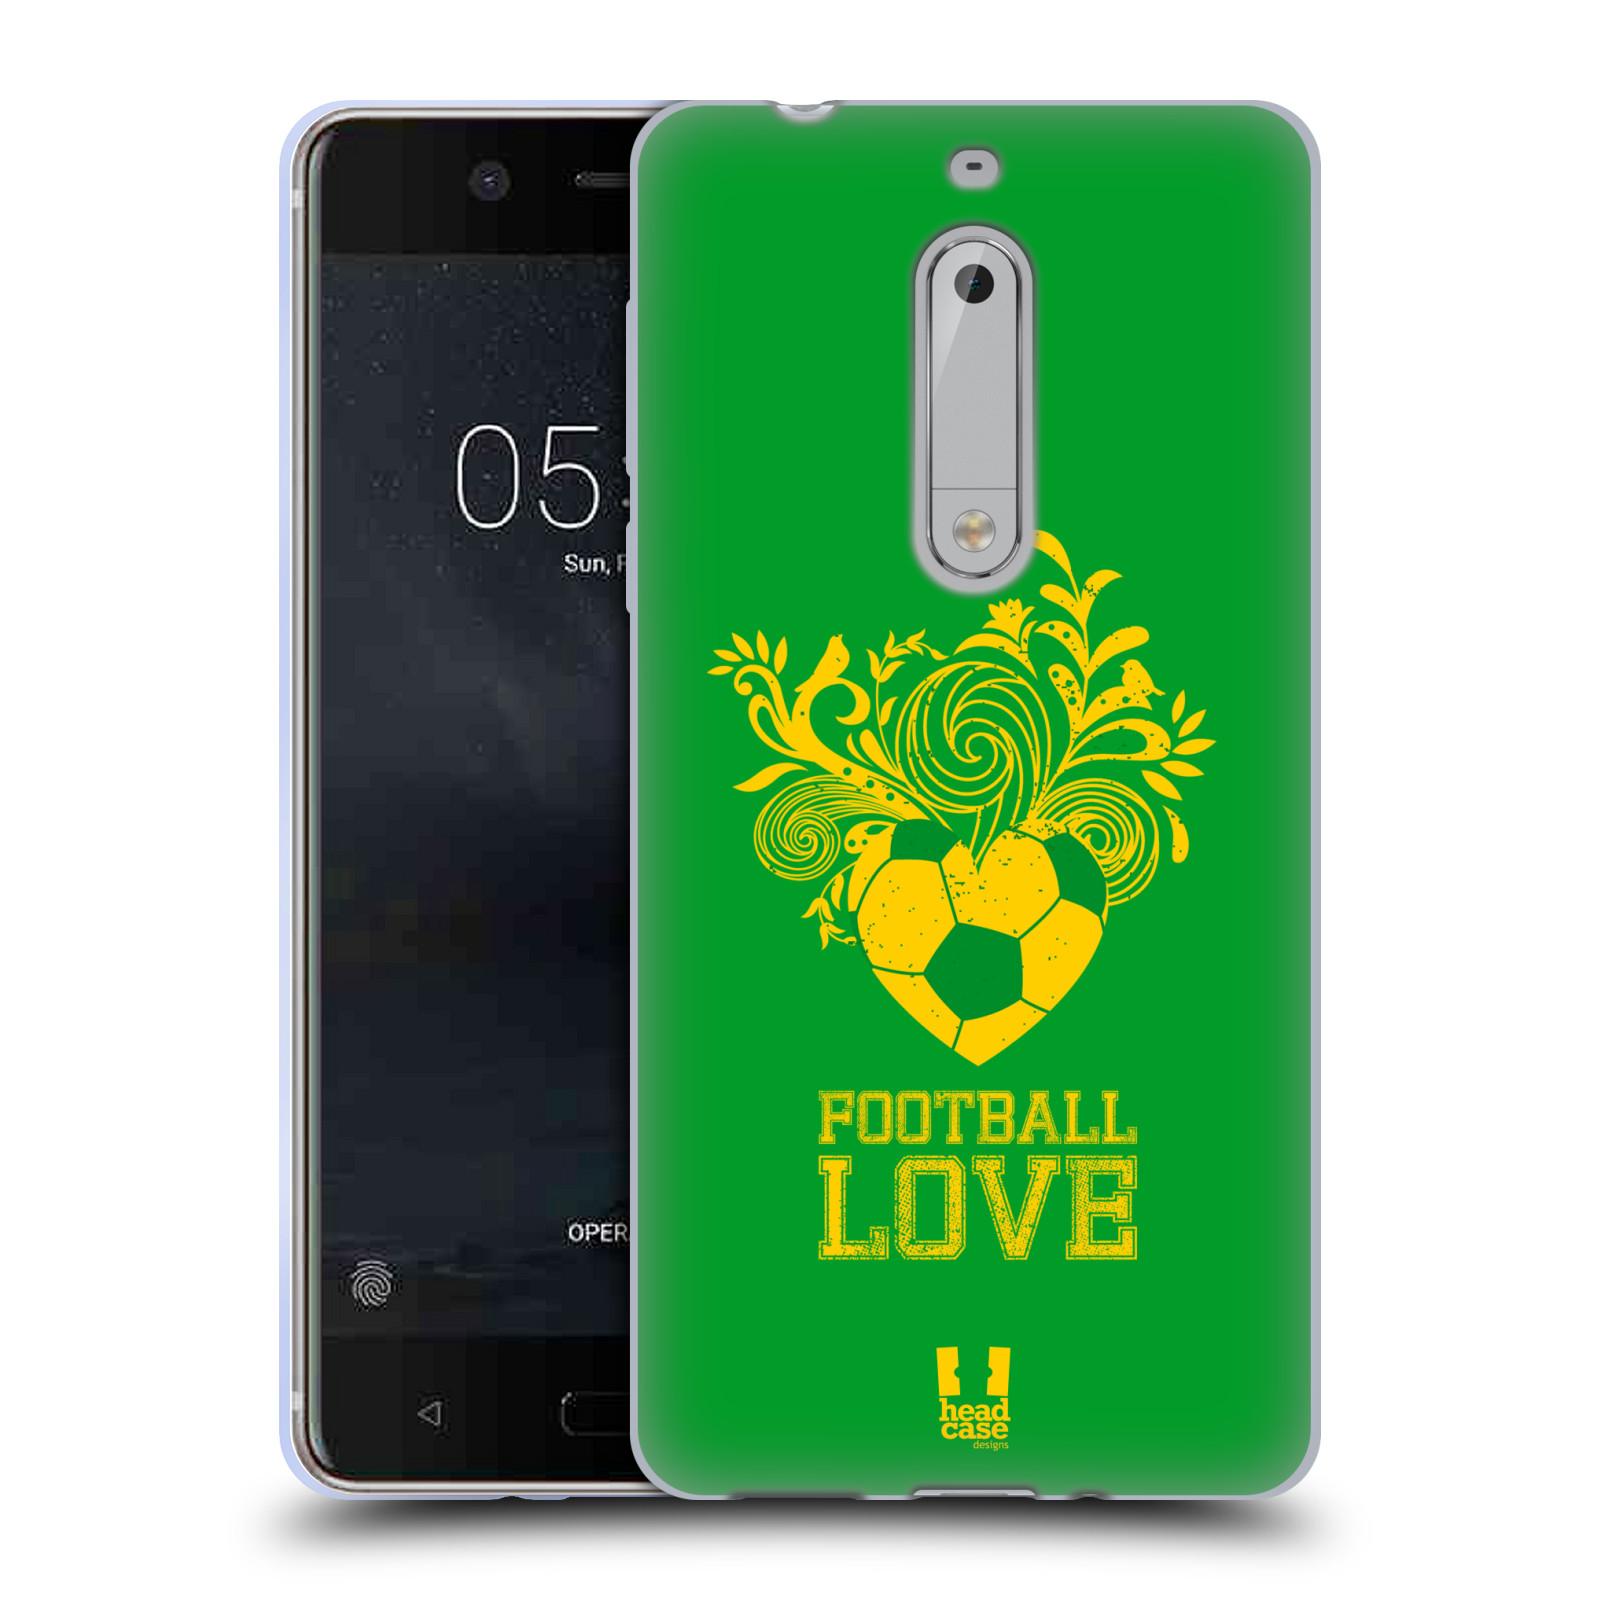 HEAD CASE silikonový obal na mobil Nokia 5 Sport fotbalová láska zelená barva